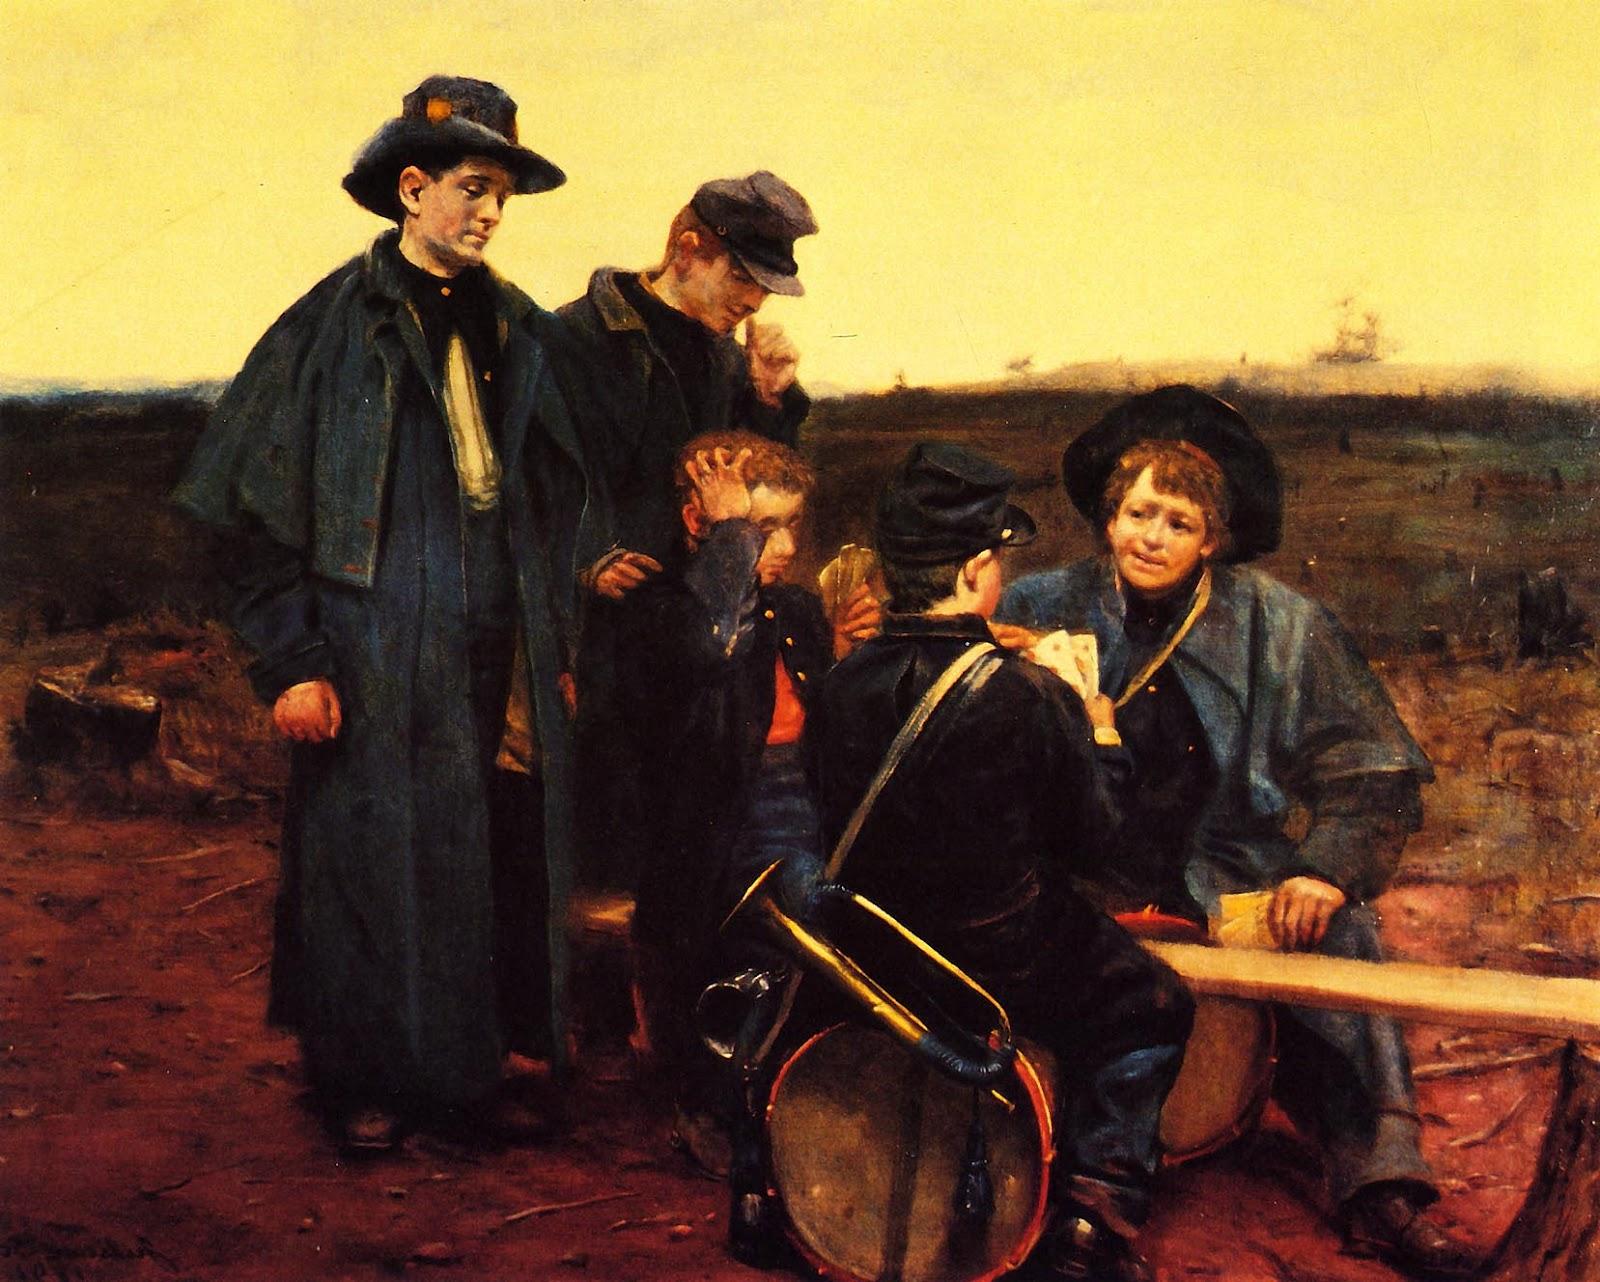 Джулиан Скотт. Барабанщики играют в карты. 1891